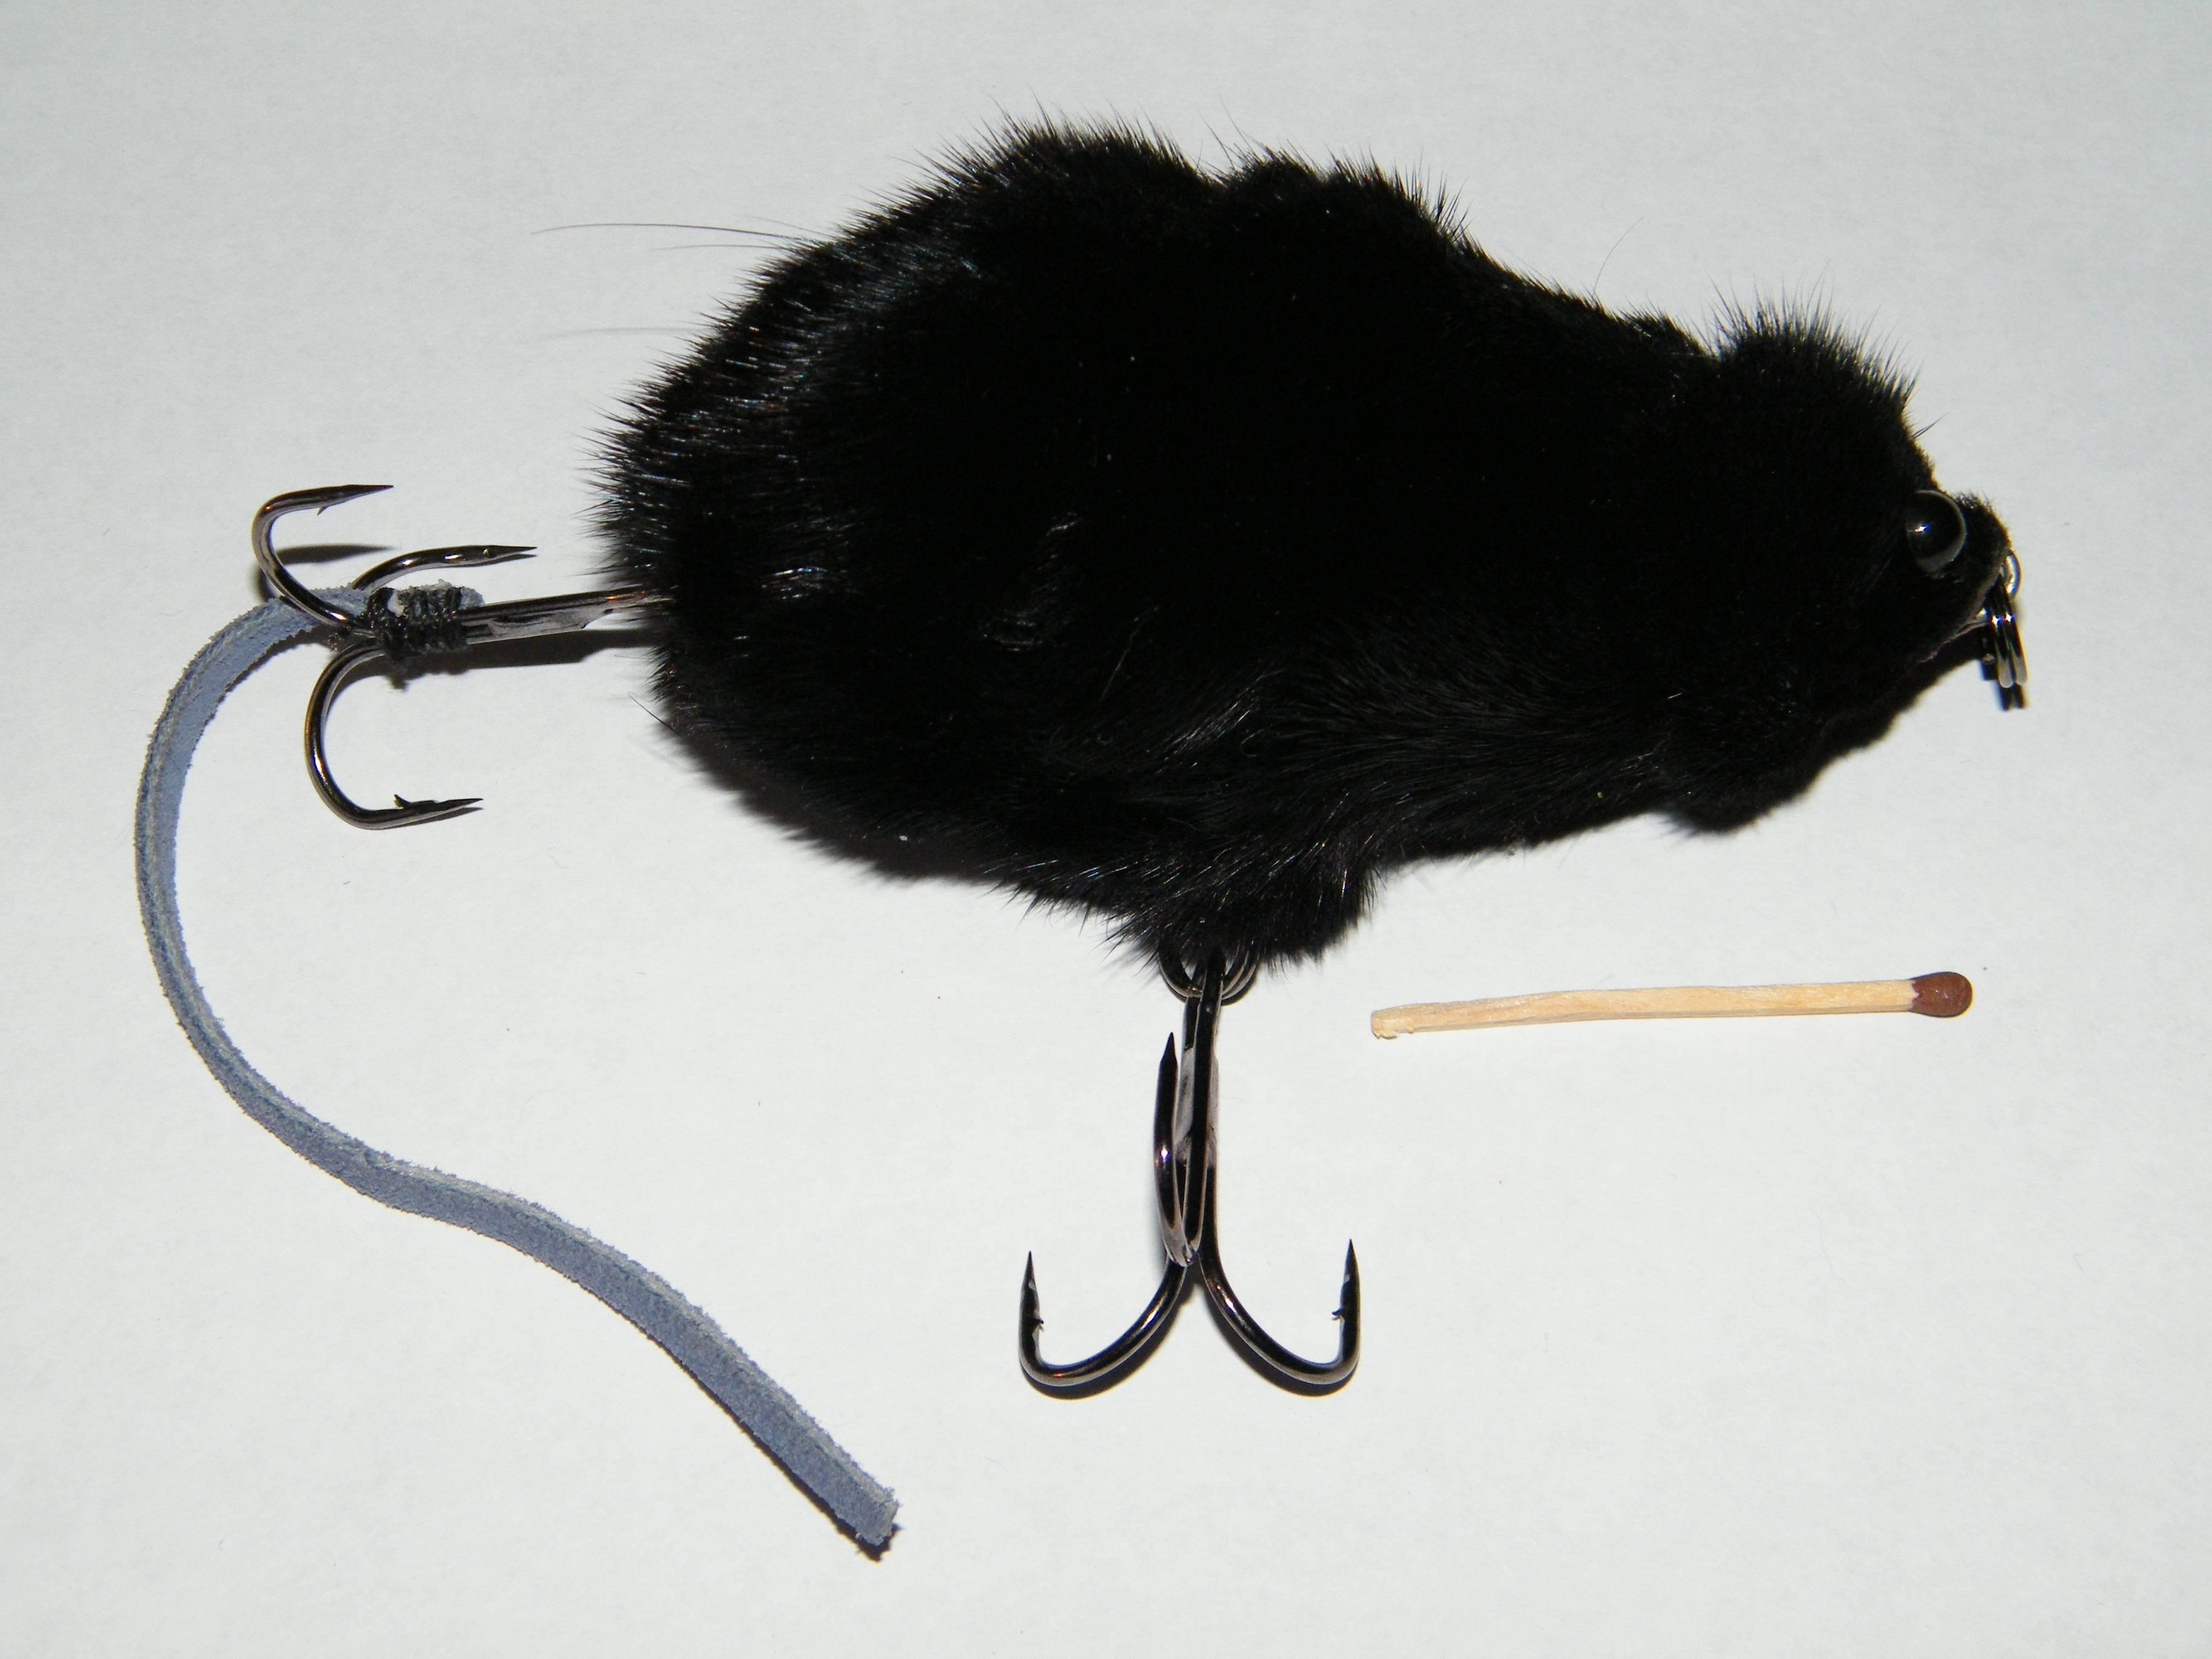 Мышь – эффективная насадка на тайменя – рыбалке.нет